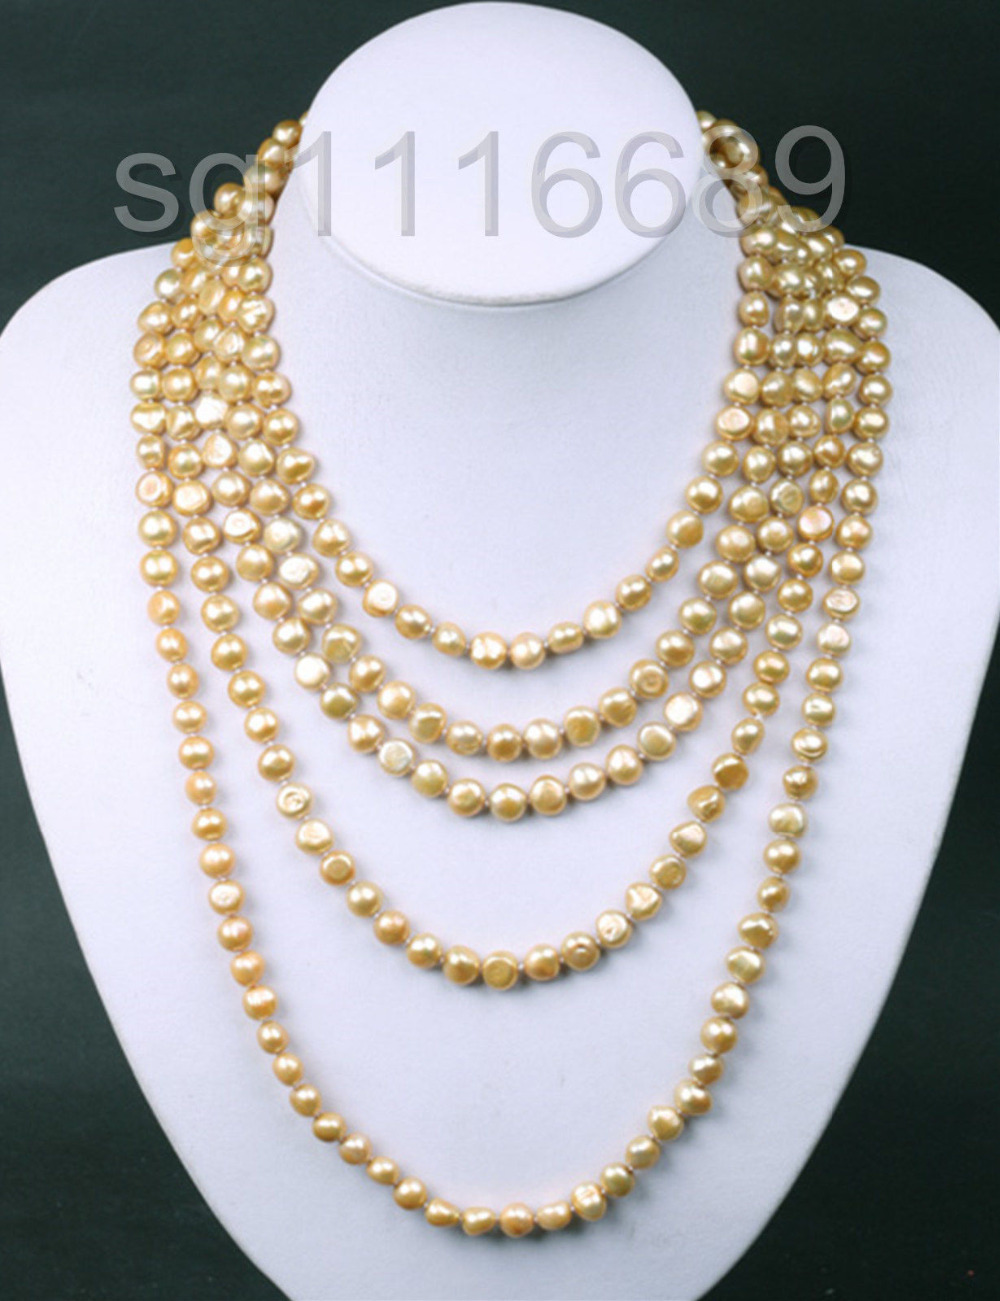 Chaîne de collier de perles d'eau douce de culture Baroque en or clair de 100